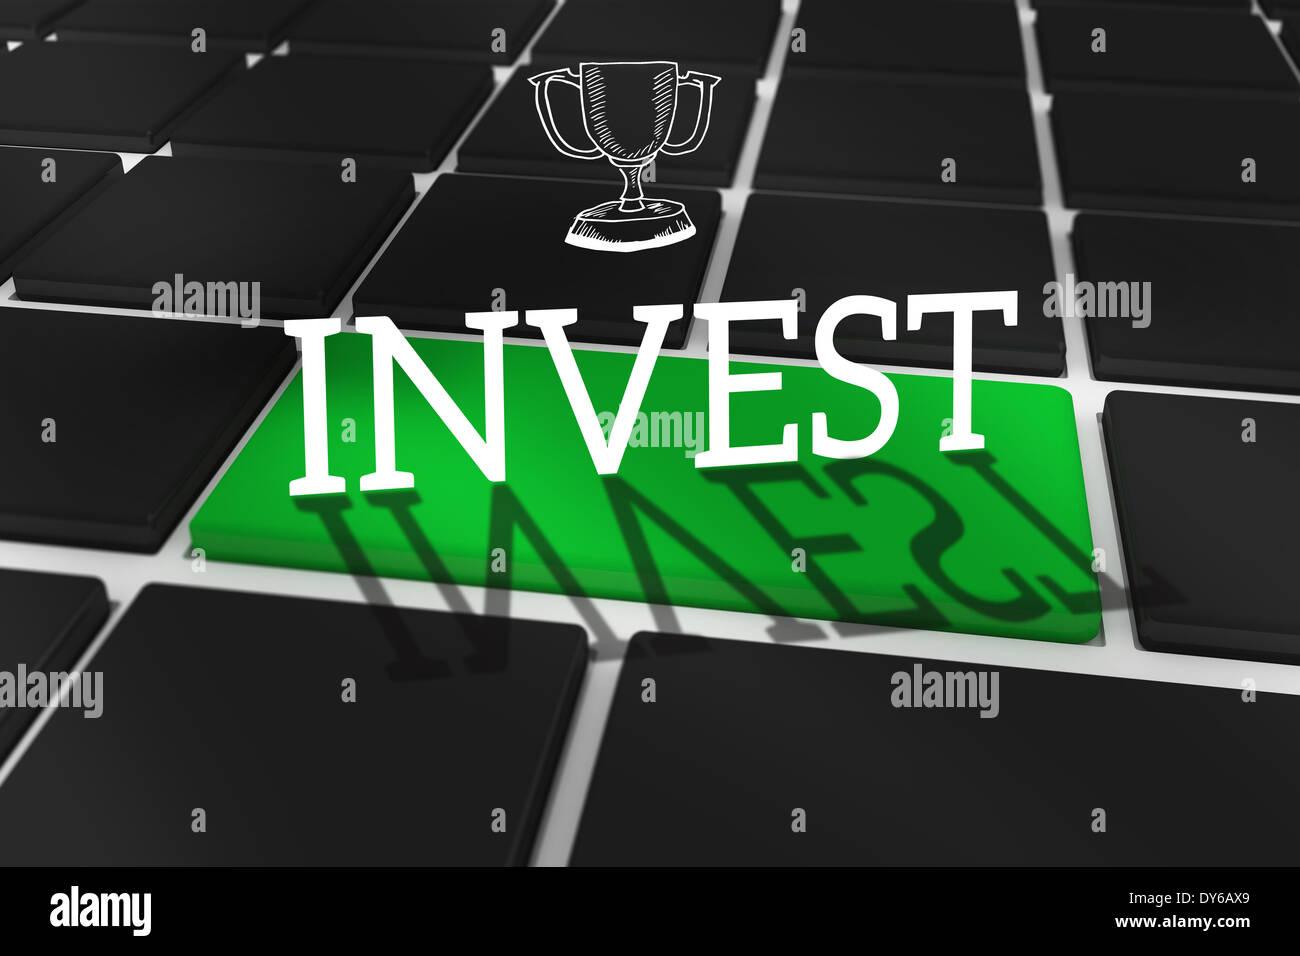 Investir contre clavier noir avec clé verte Photo Stock